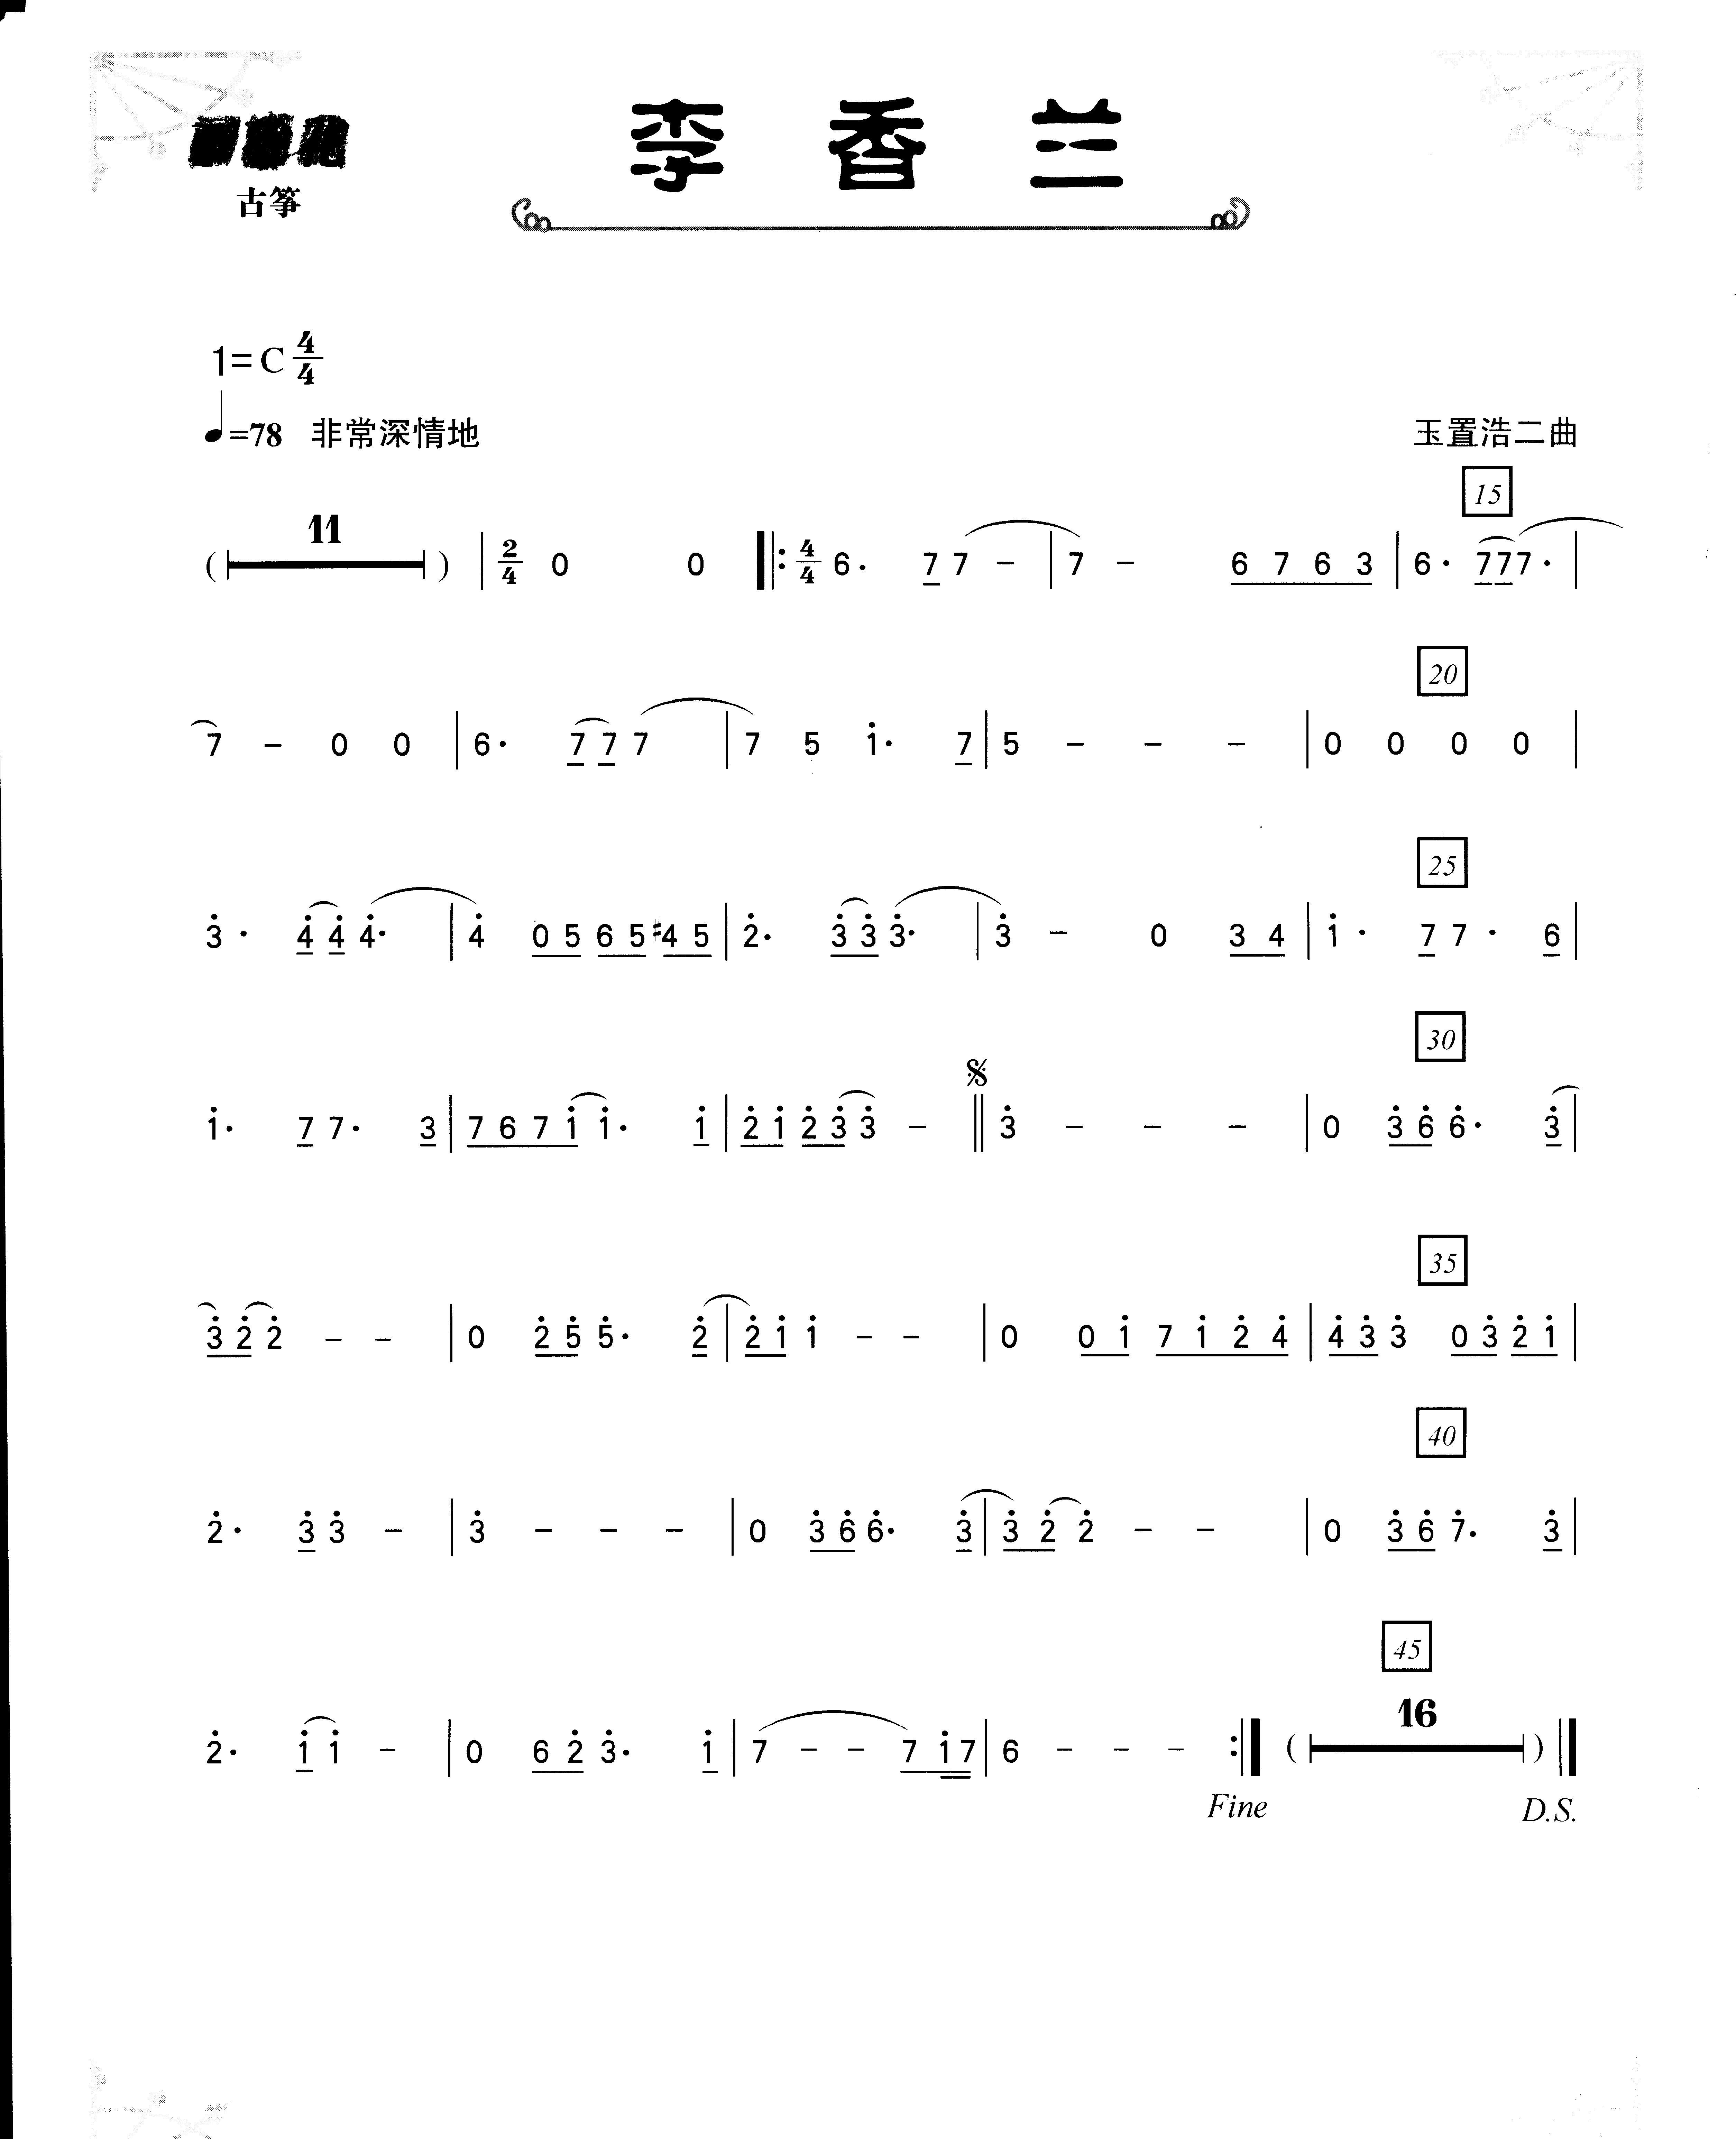 >> 古筝曲谱 >> 李香兰